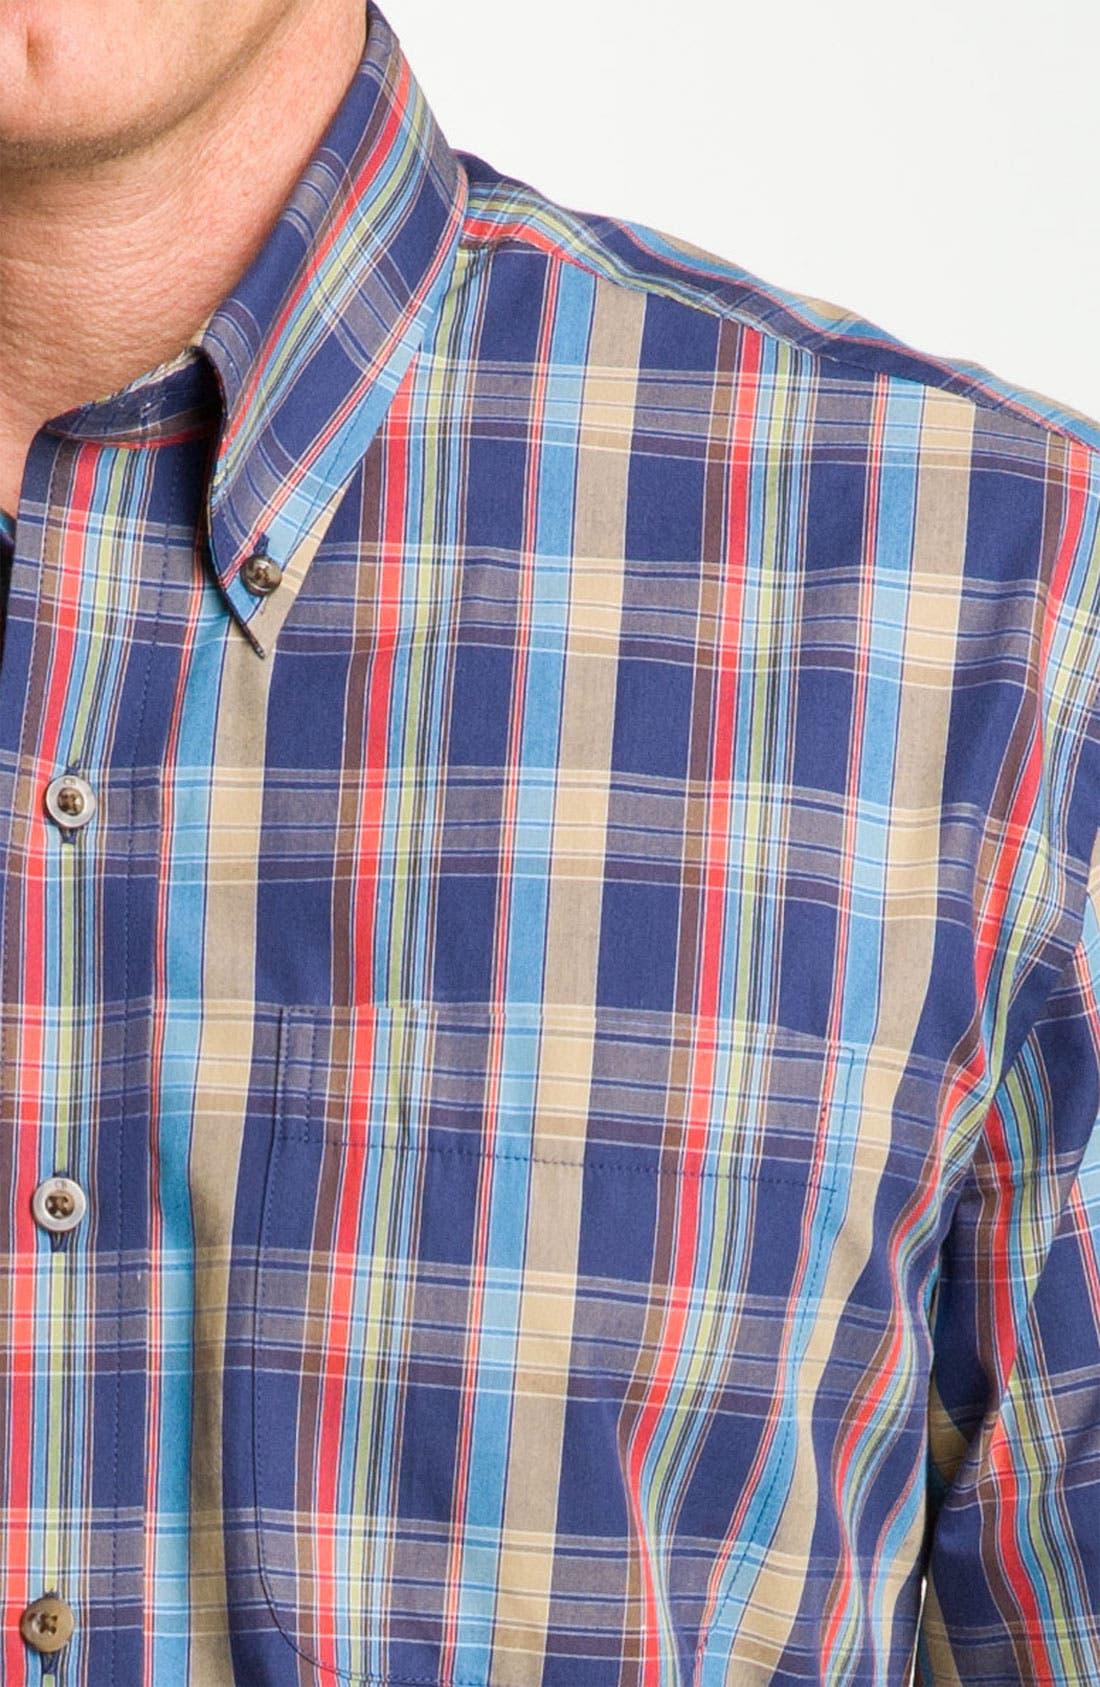 Alternate Image 3  - Cutter & Buck 'Palouse' Plaid Sport Shirt (Big & Tall)